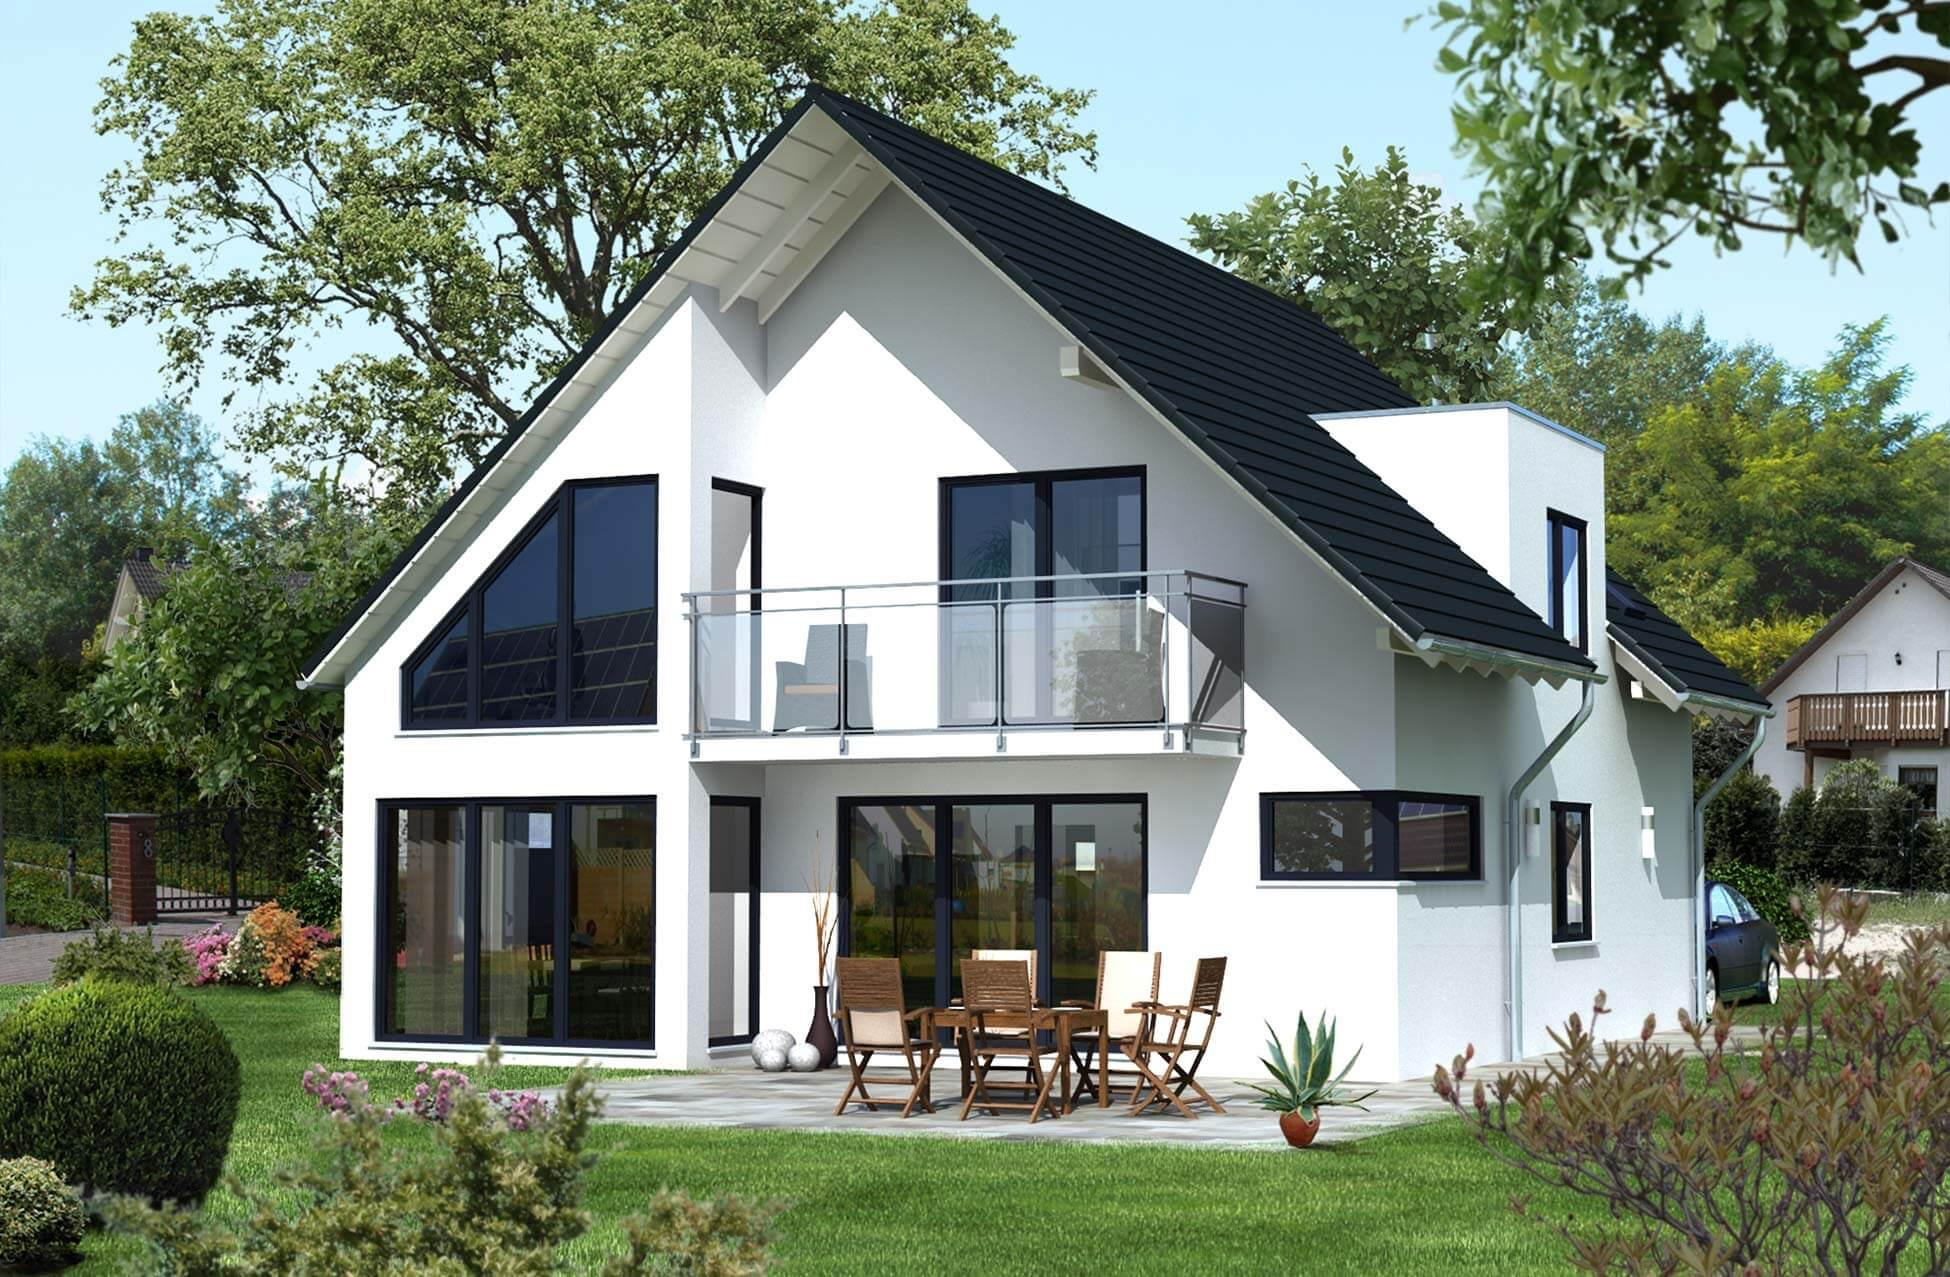 Einfamilienhäuser Archive - Siewert - Hausbau